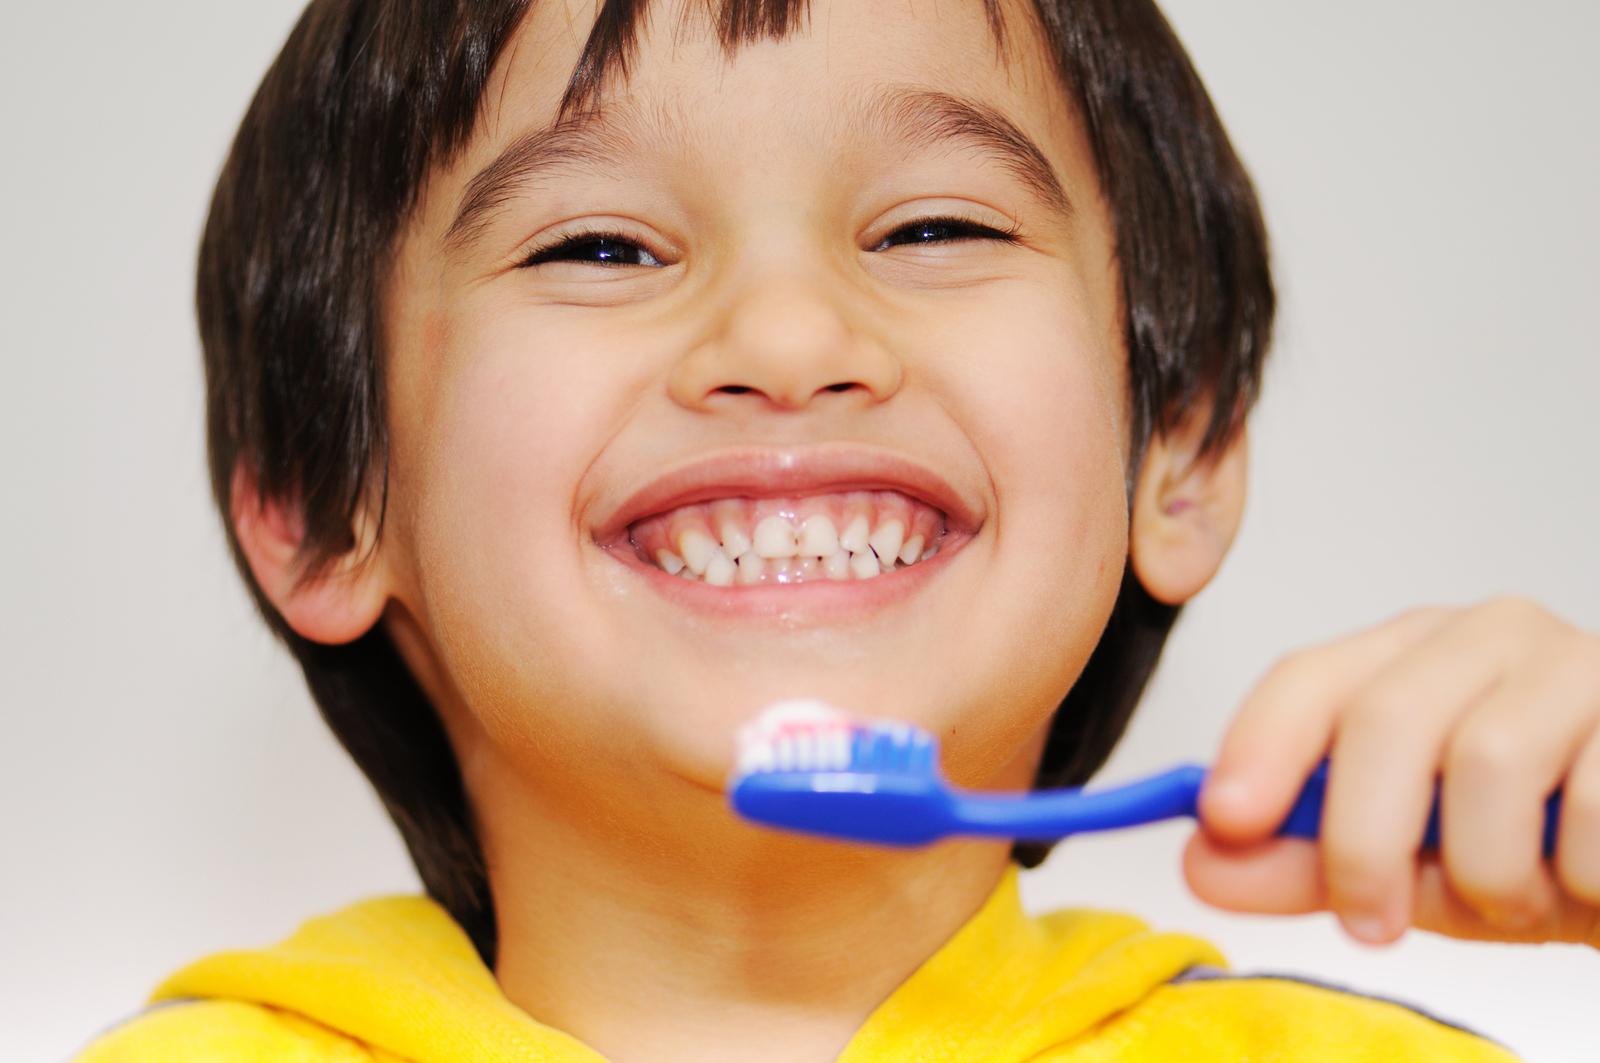 Kết quả hình ảnh cho bảo vệ và chăm sóc sức khỏe răng miệng